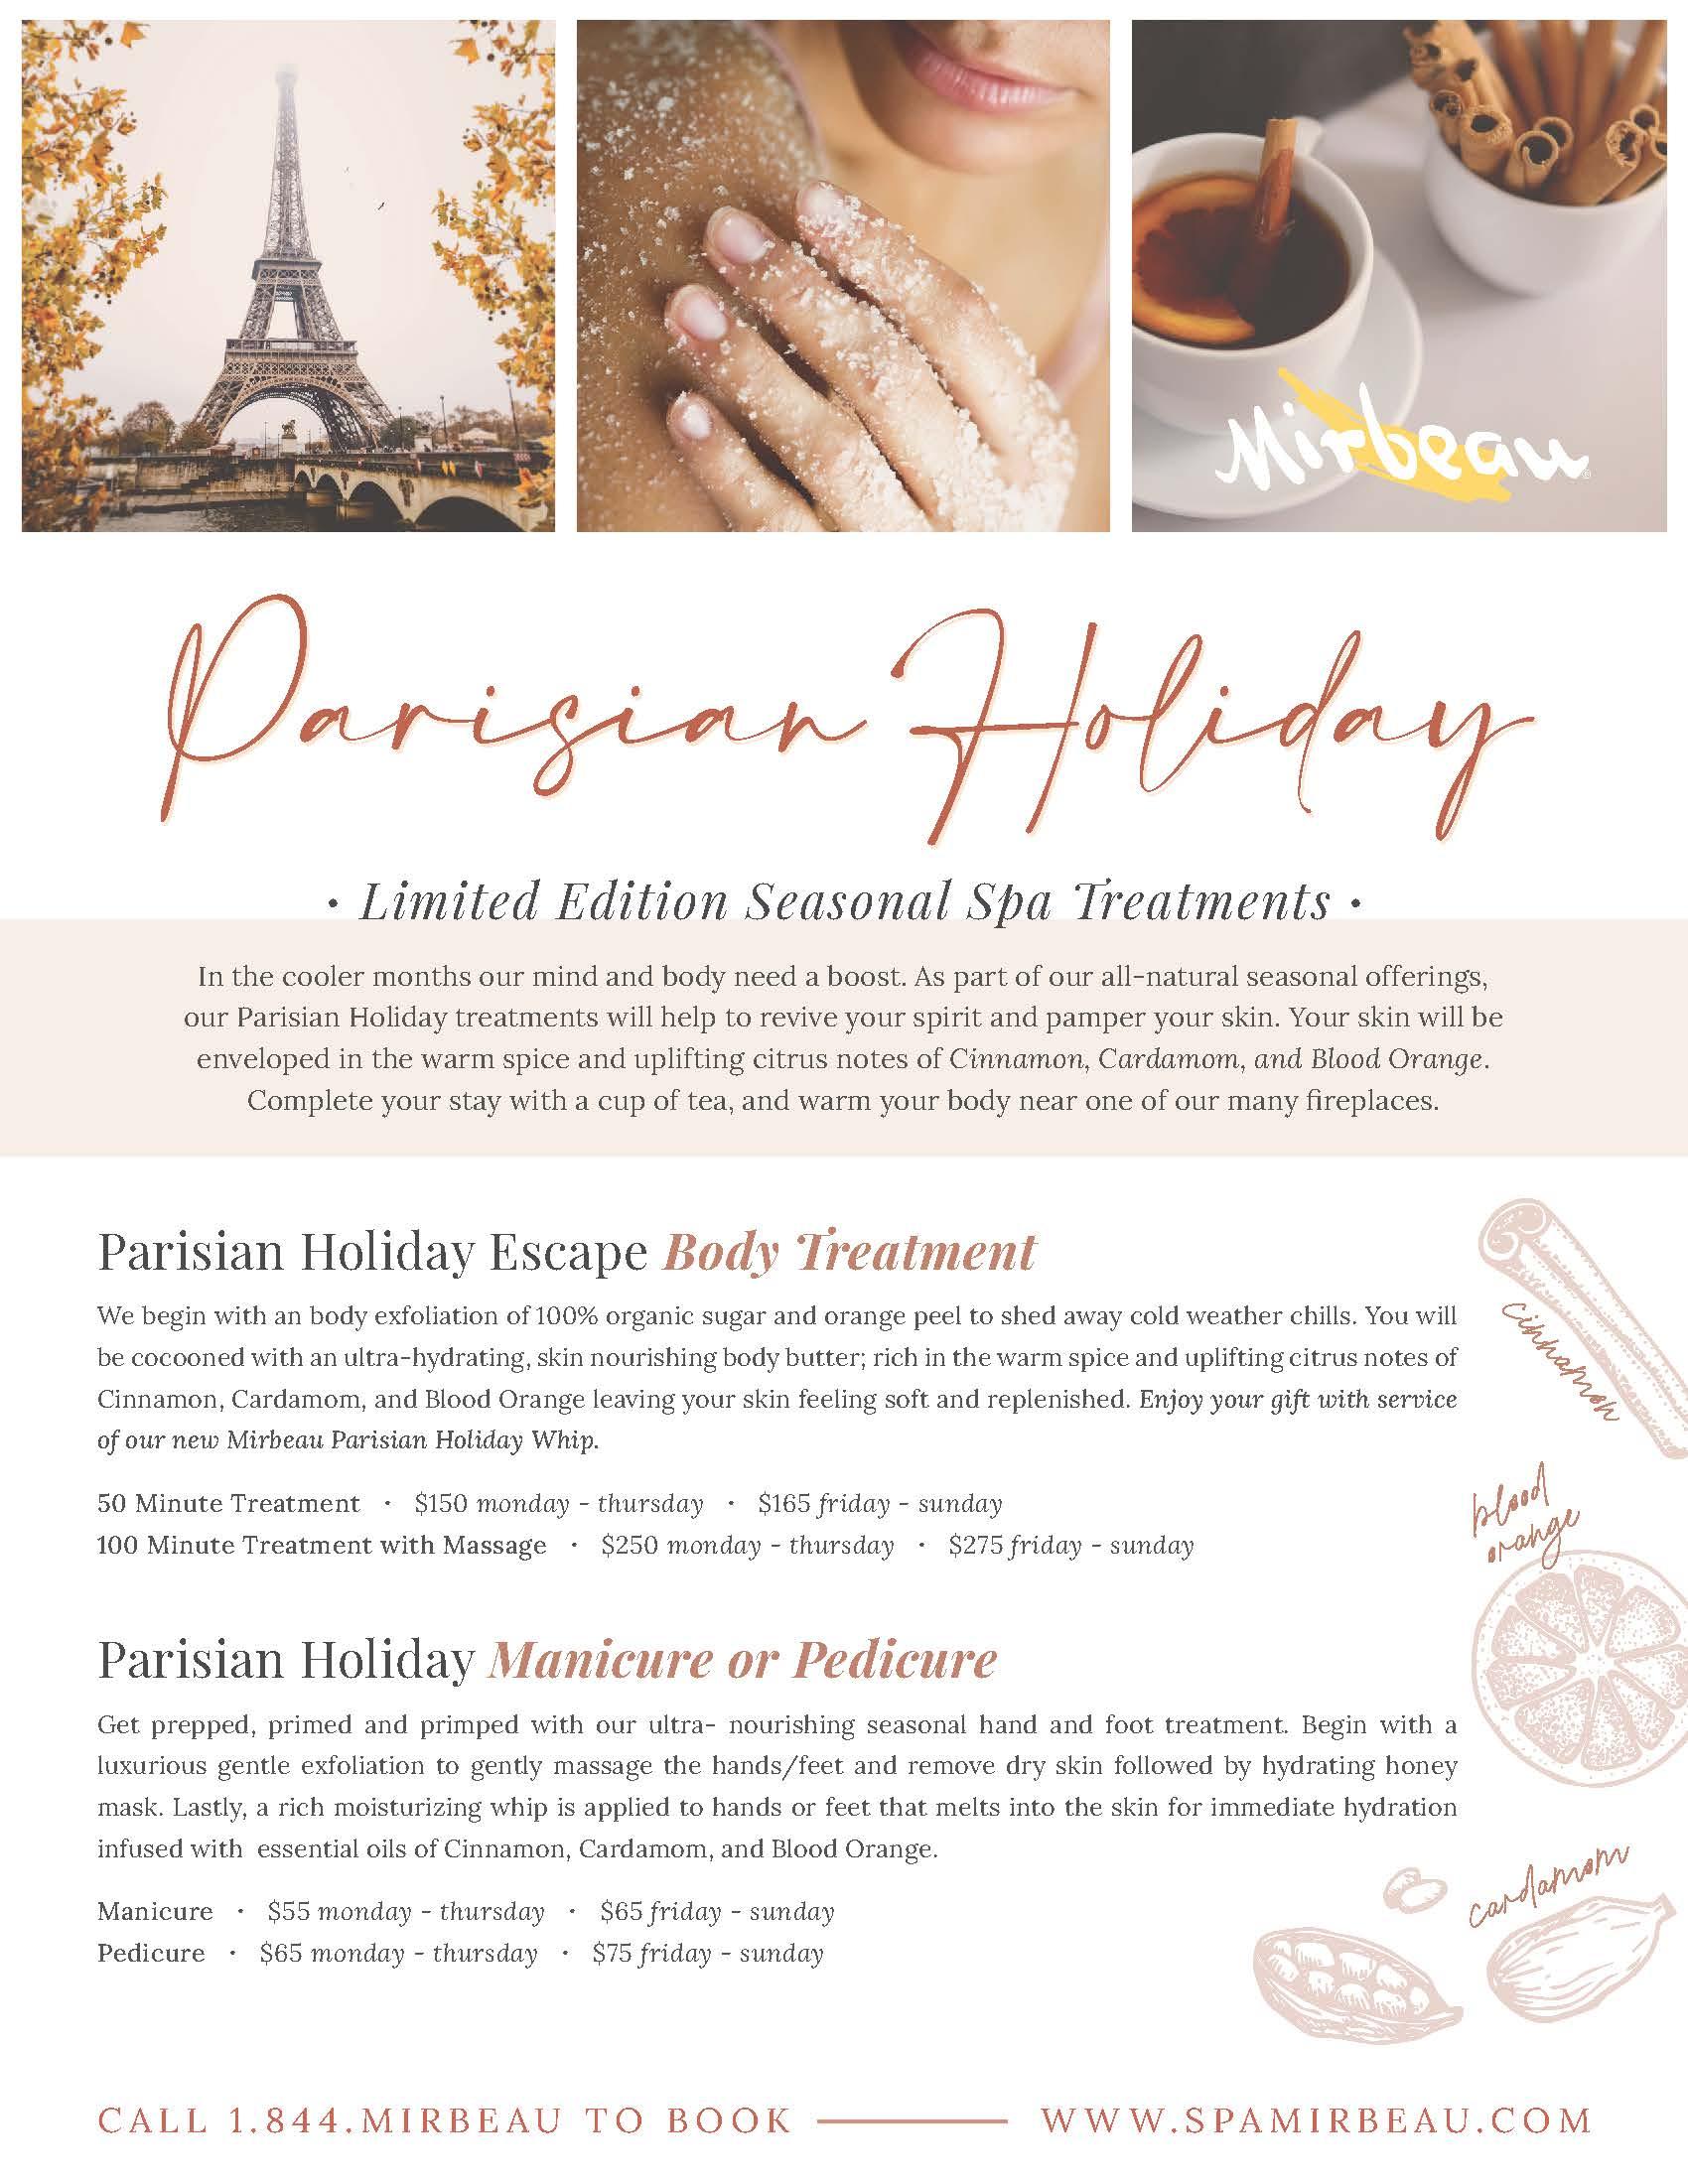 ALB Parisian Holiday Spa Treatments 8.5x11